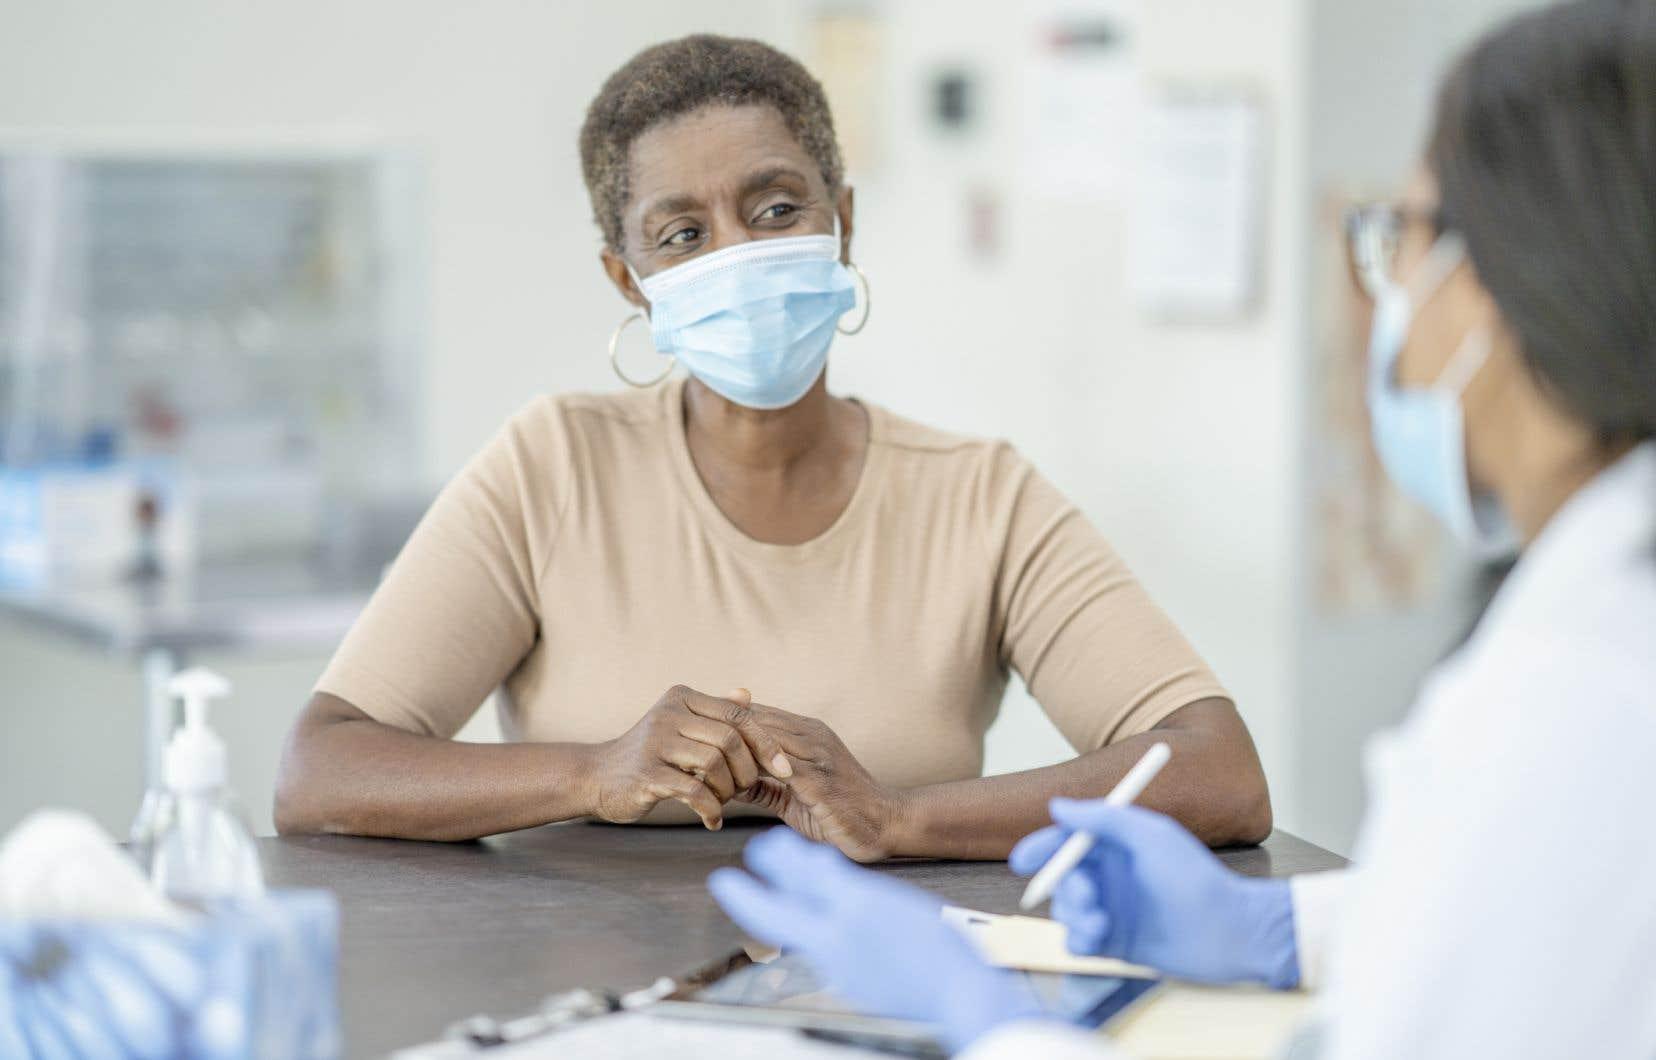 Une visite chez le médecin peut devenir un casse-tête pour les personnes avec un faible taux de littératie, d'où l'importance de simplifier les communications s'adressant au grand public.